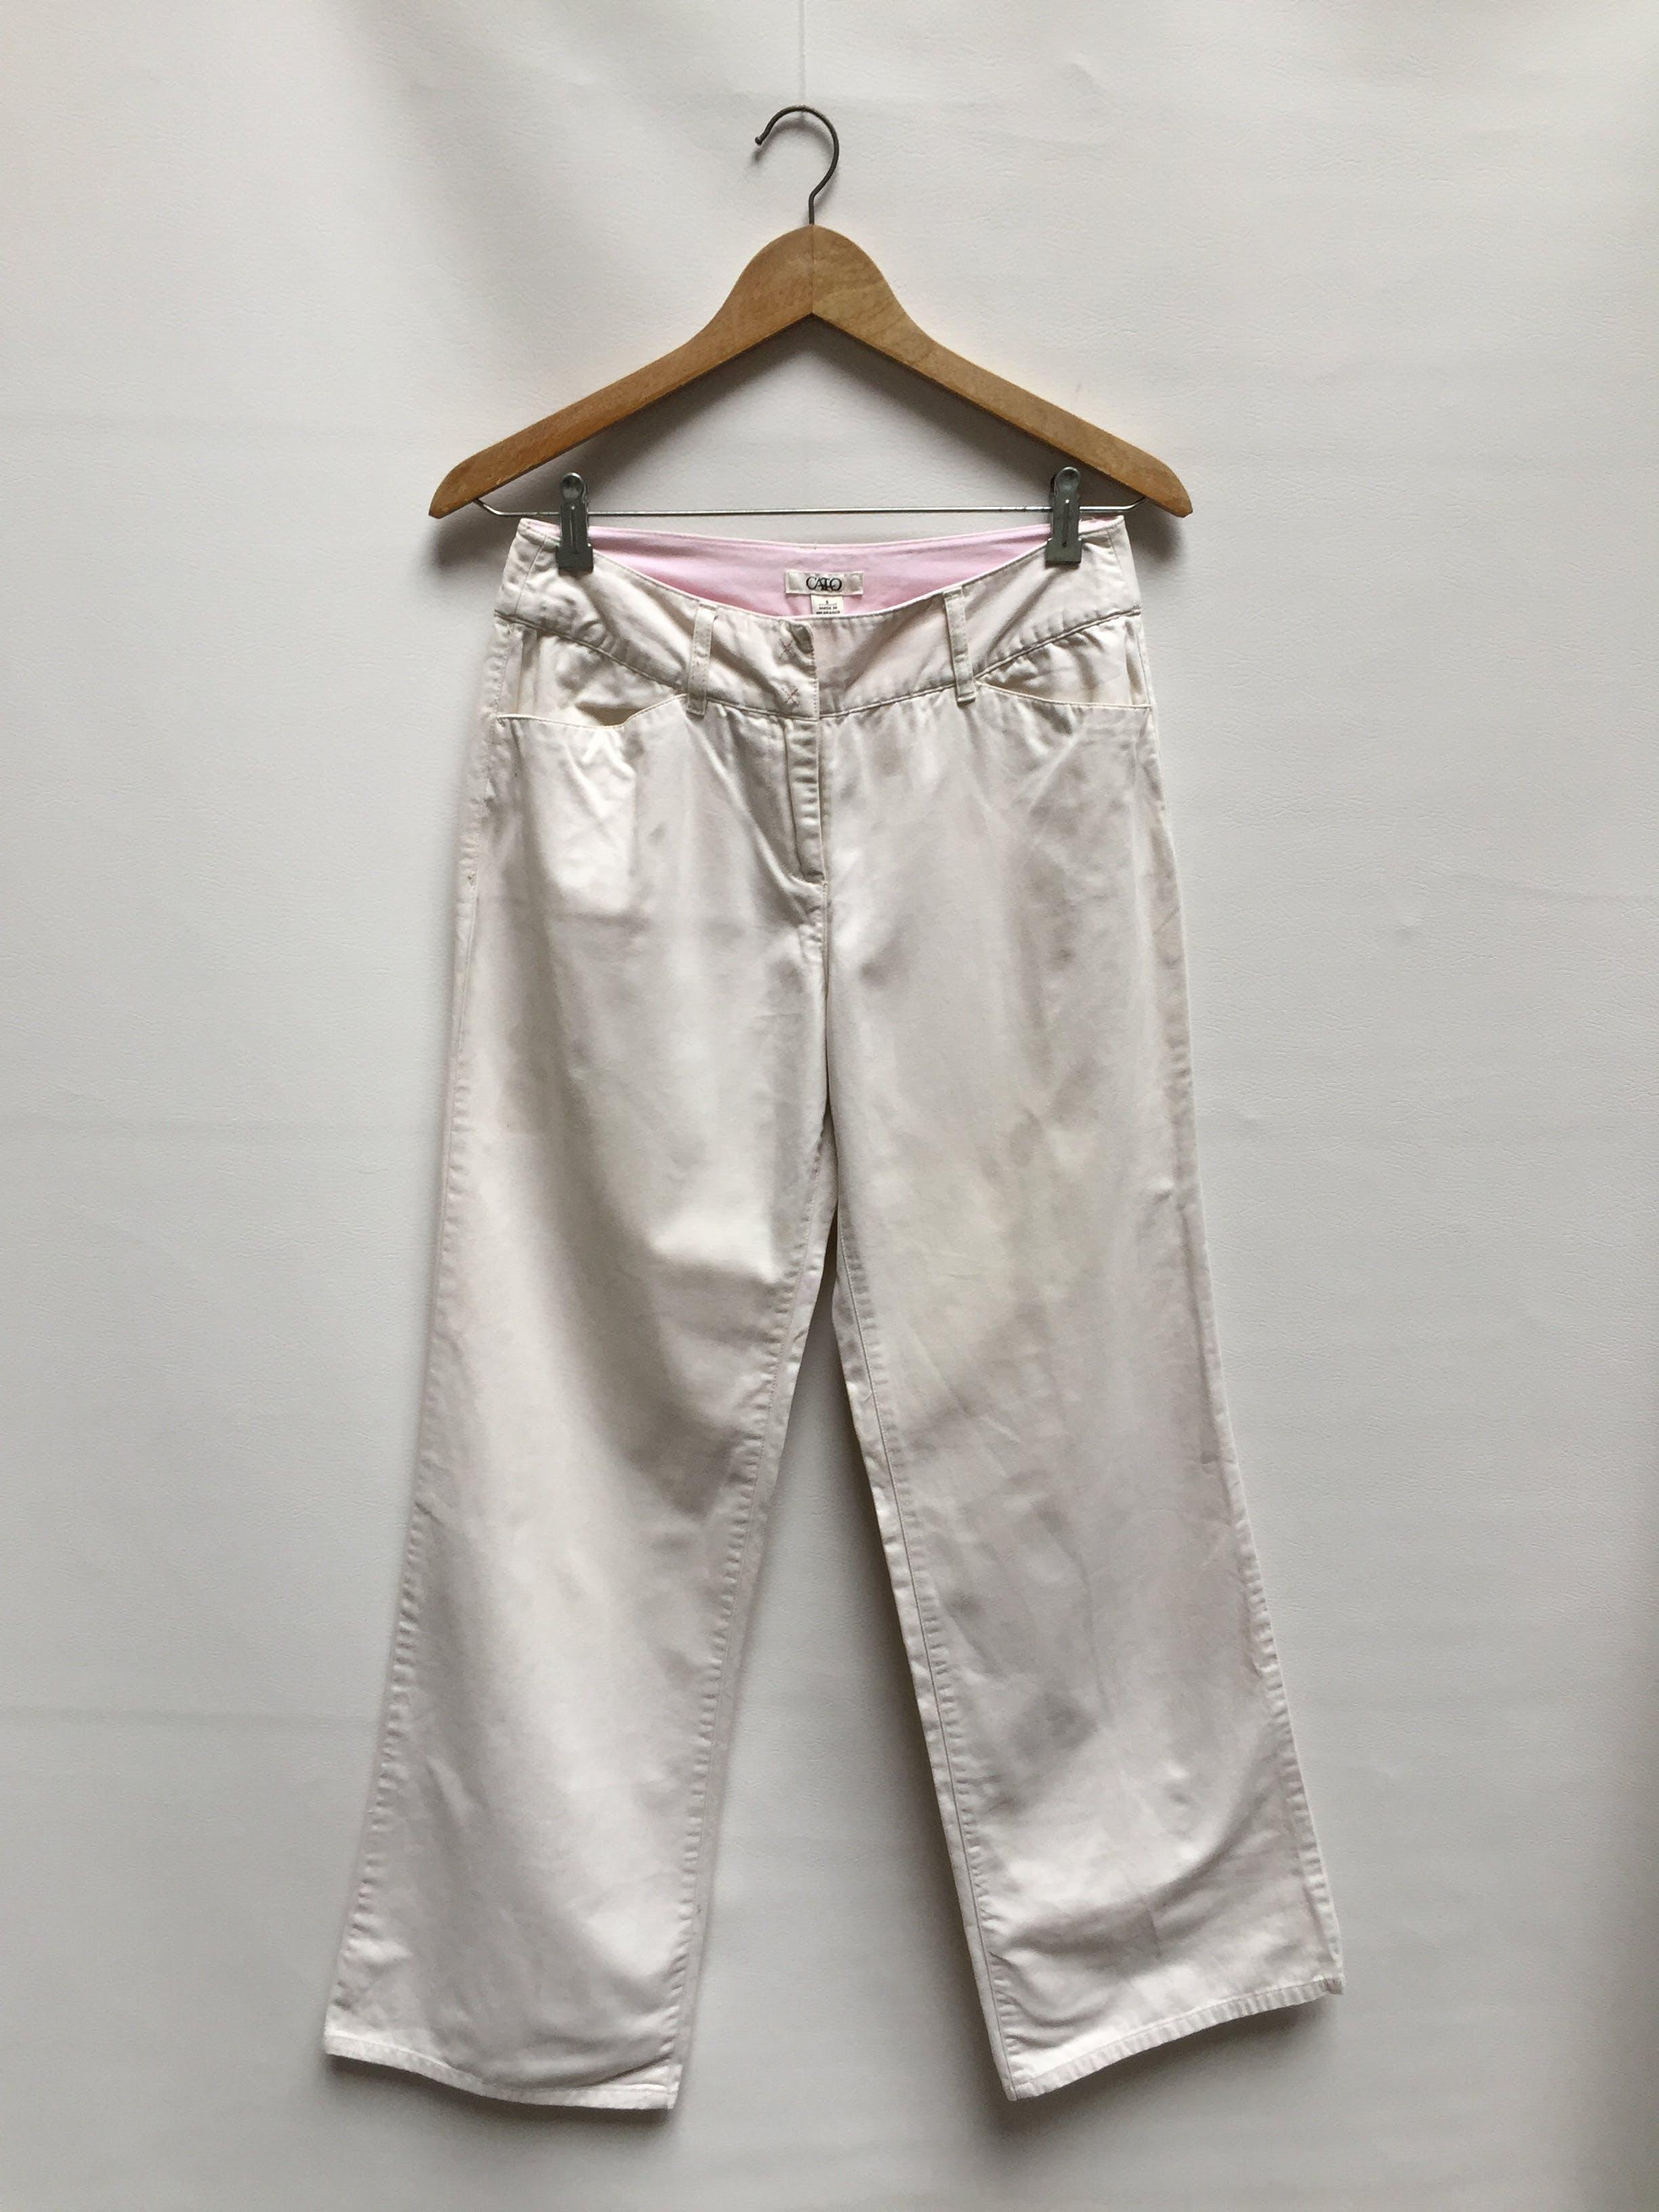 Pantalón 100% algodón, tela tipo drill crema rica al tacto, bolsillos delanteros y posteriores, corte recto  Talla 30